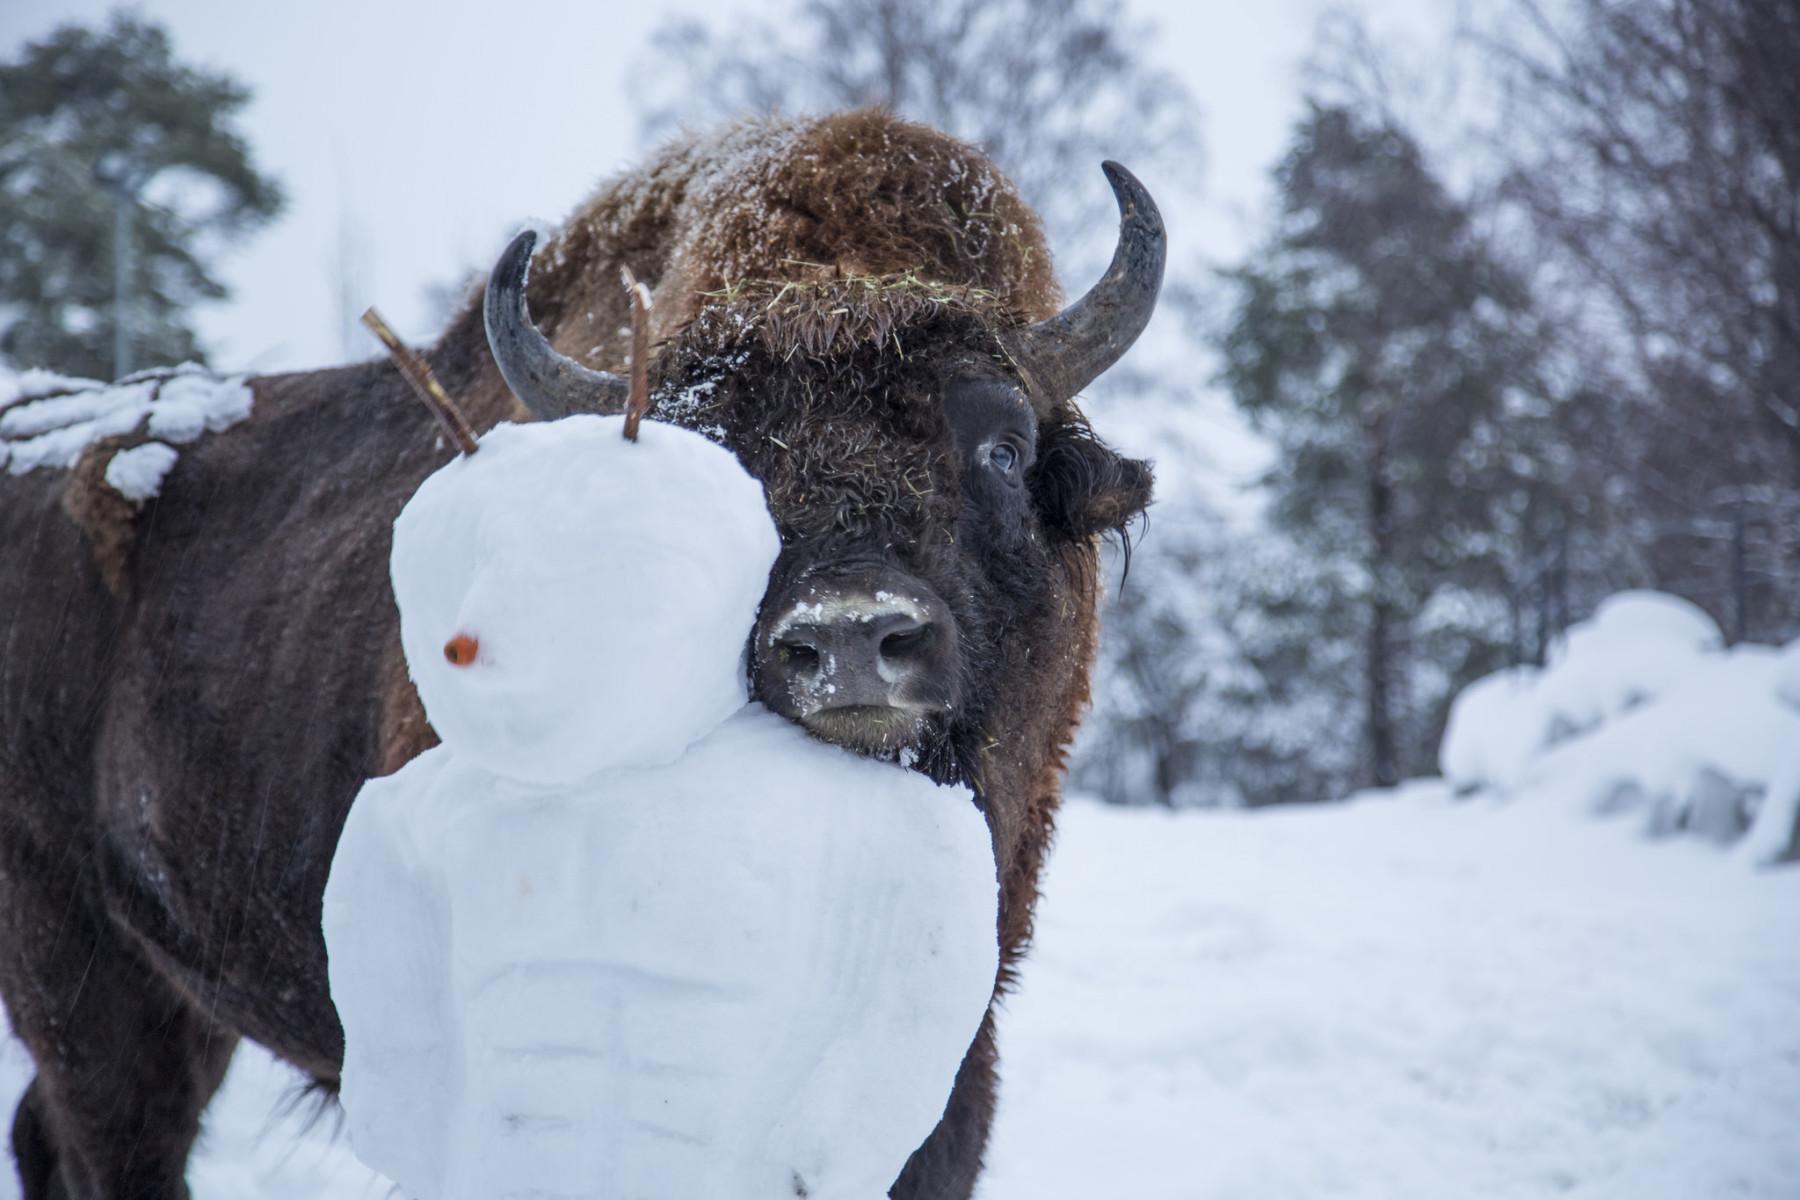 出生在赫尔辛基动物园的欧洲野牛如今已经自由徜徉在俄罗斯的森林里了。不过动物园暂时还没有将那些雪人放归野外的计划。